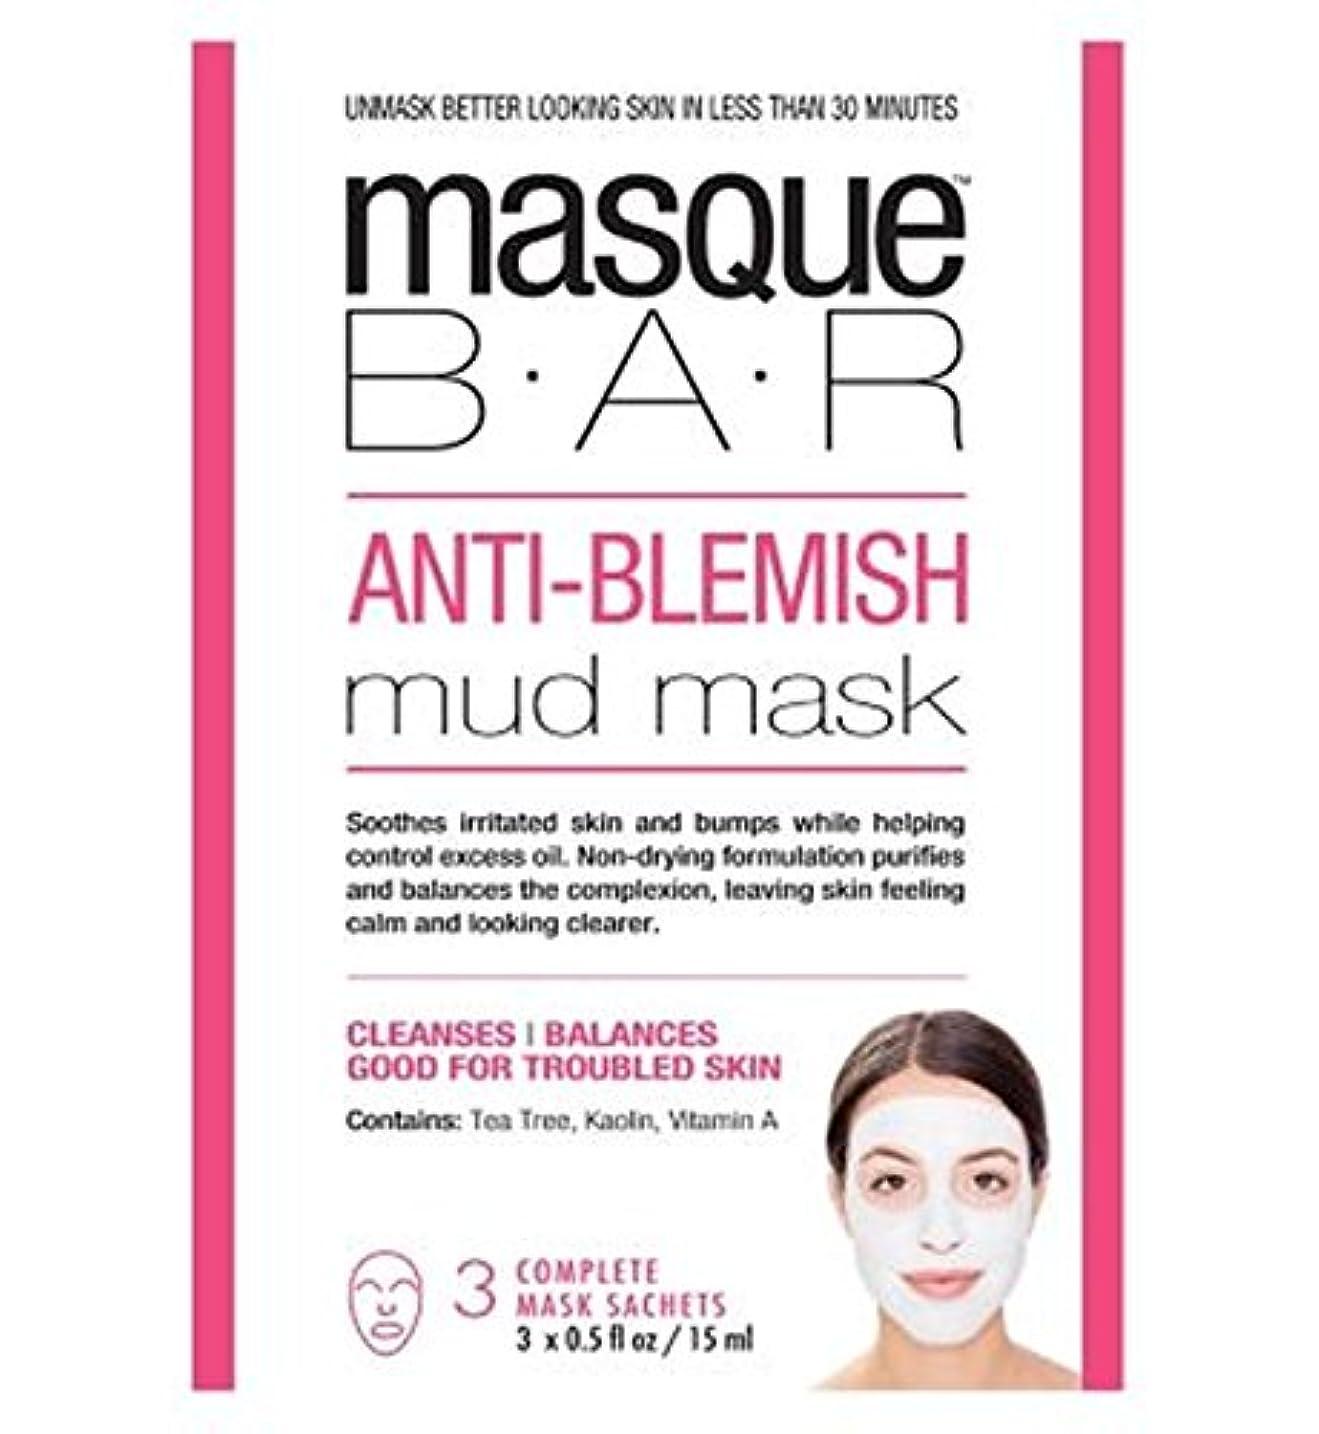 風が強いモットーファランクス仮面劇バー抗傷泥マスク - 3S (P6B Masque Bar Bt) (x2) - Masque Bar Anti-Blemish Mud Mask - 3s (Pack of 2) [並行輸入品]